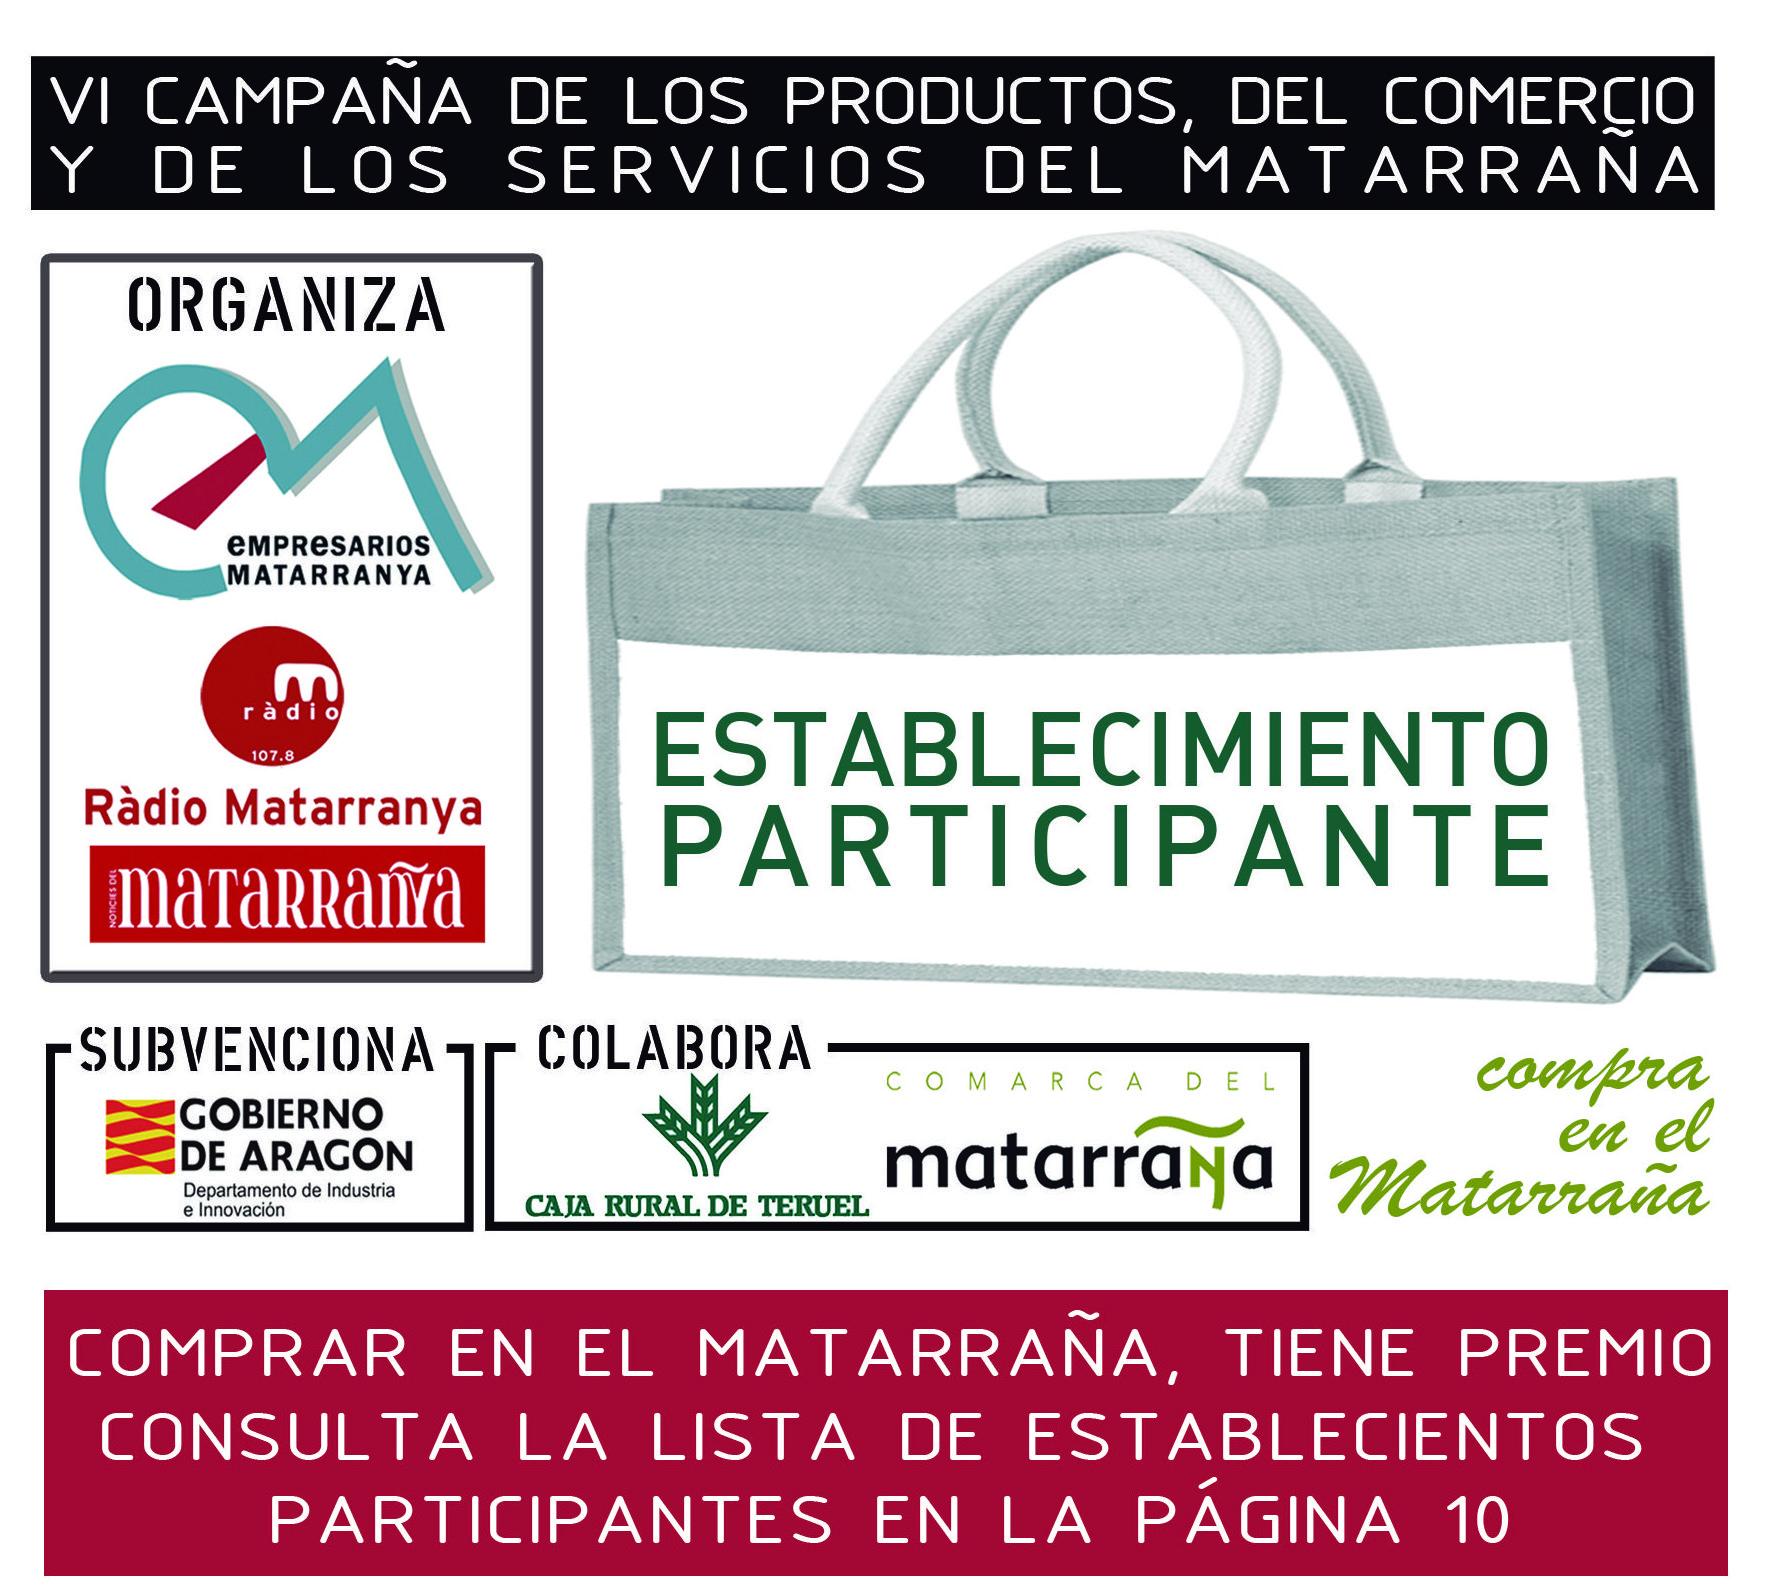 VI Campaña de los productos, del comercio y de los servicios del Matarraña